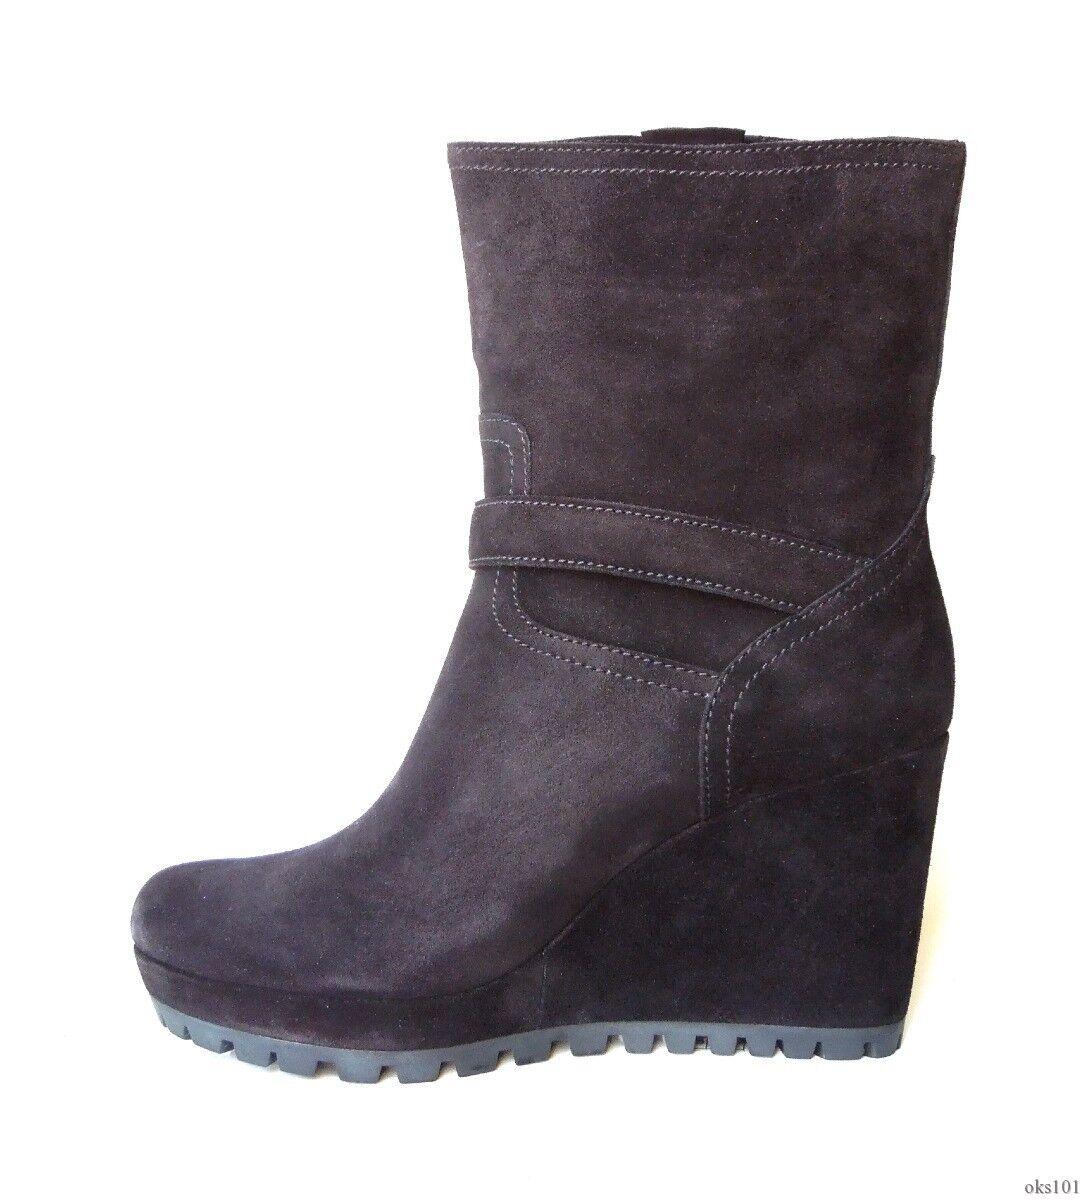 Nouveau  790 PRADA en daim noir à à à boucle plateforme talon compensé Bottines Bottes Chaussures-Hot 9ad941